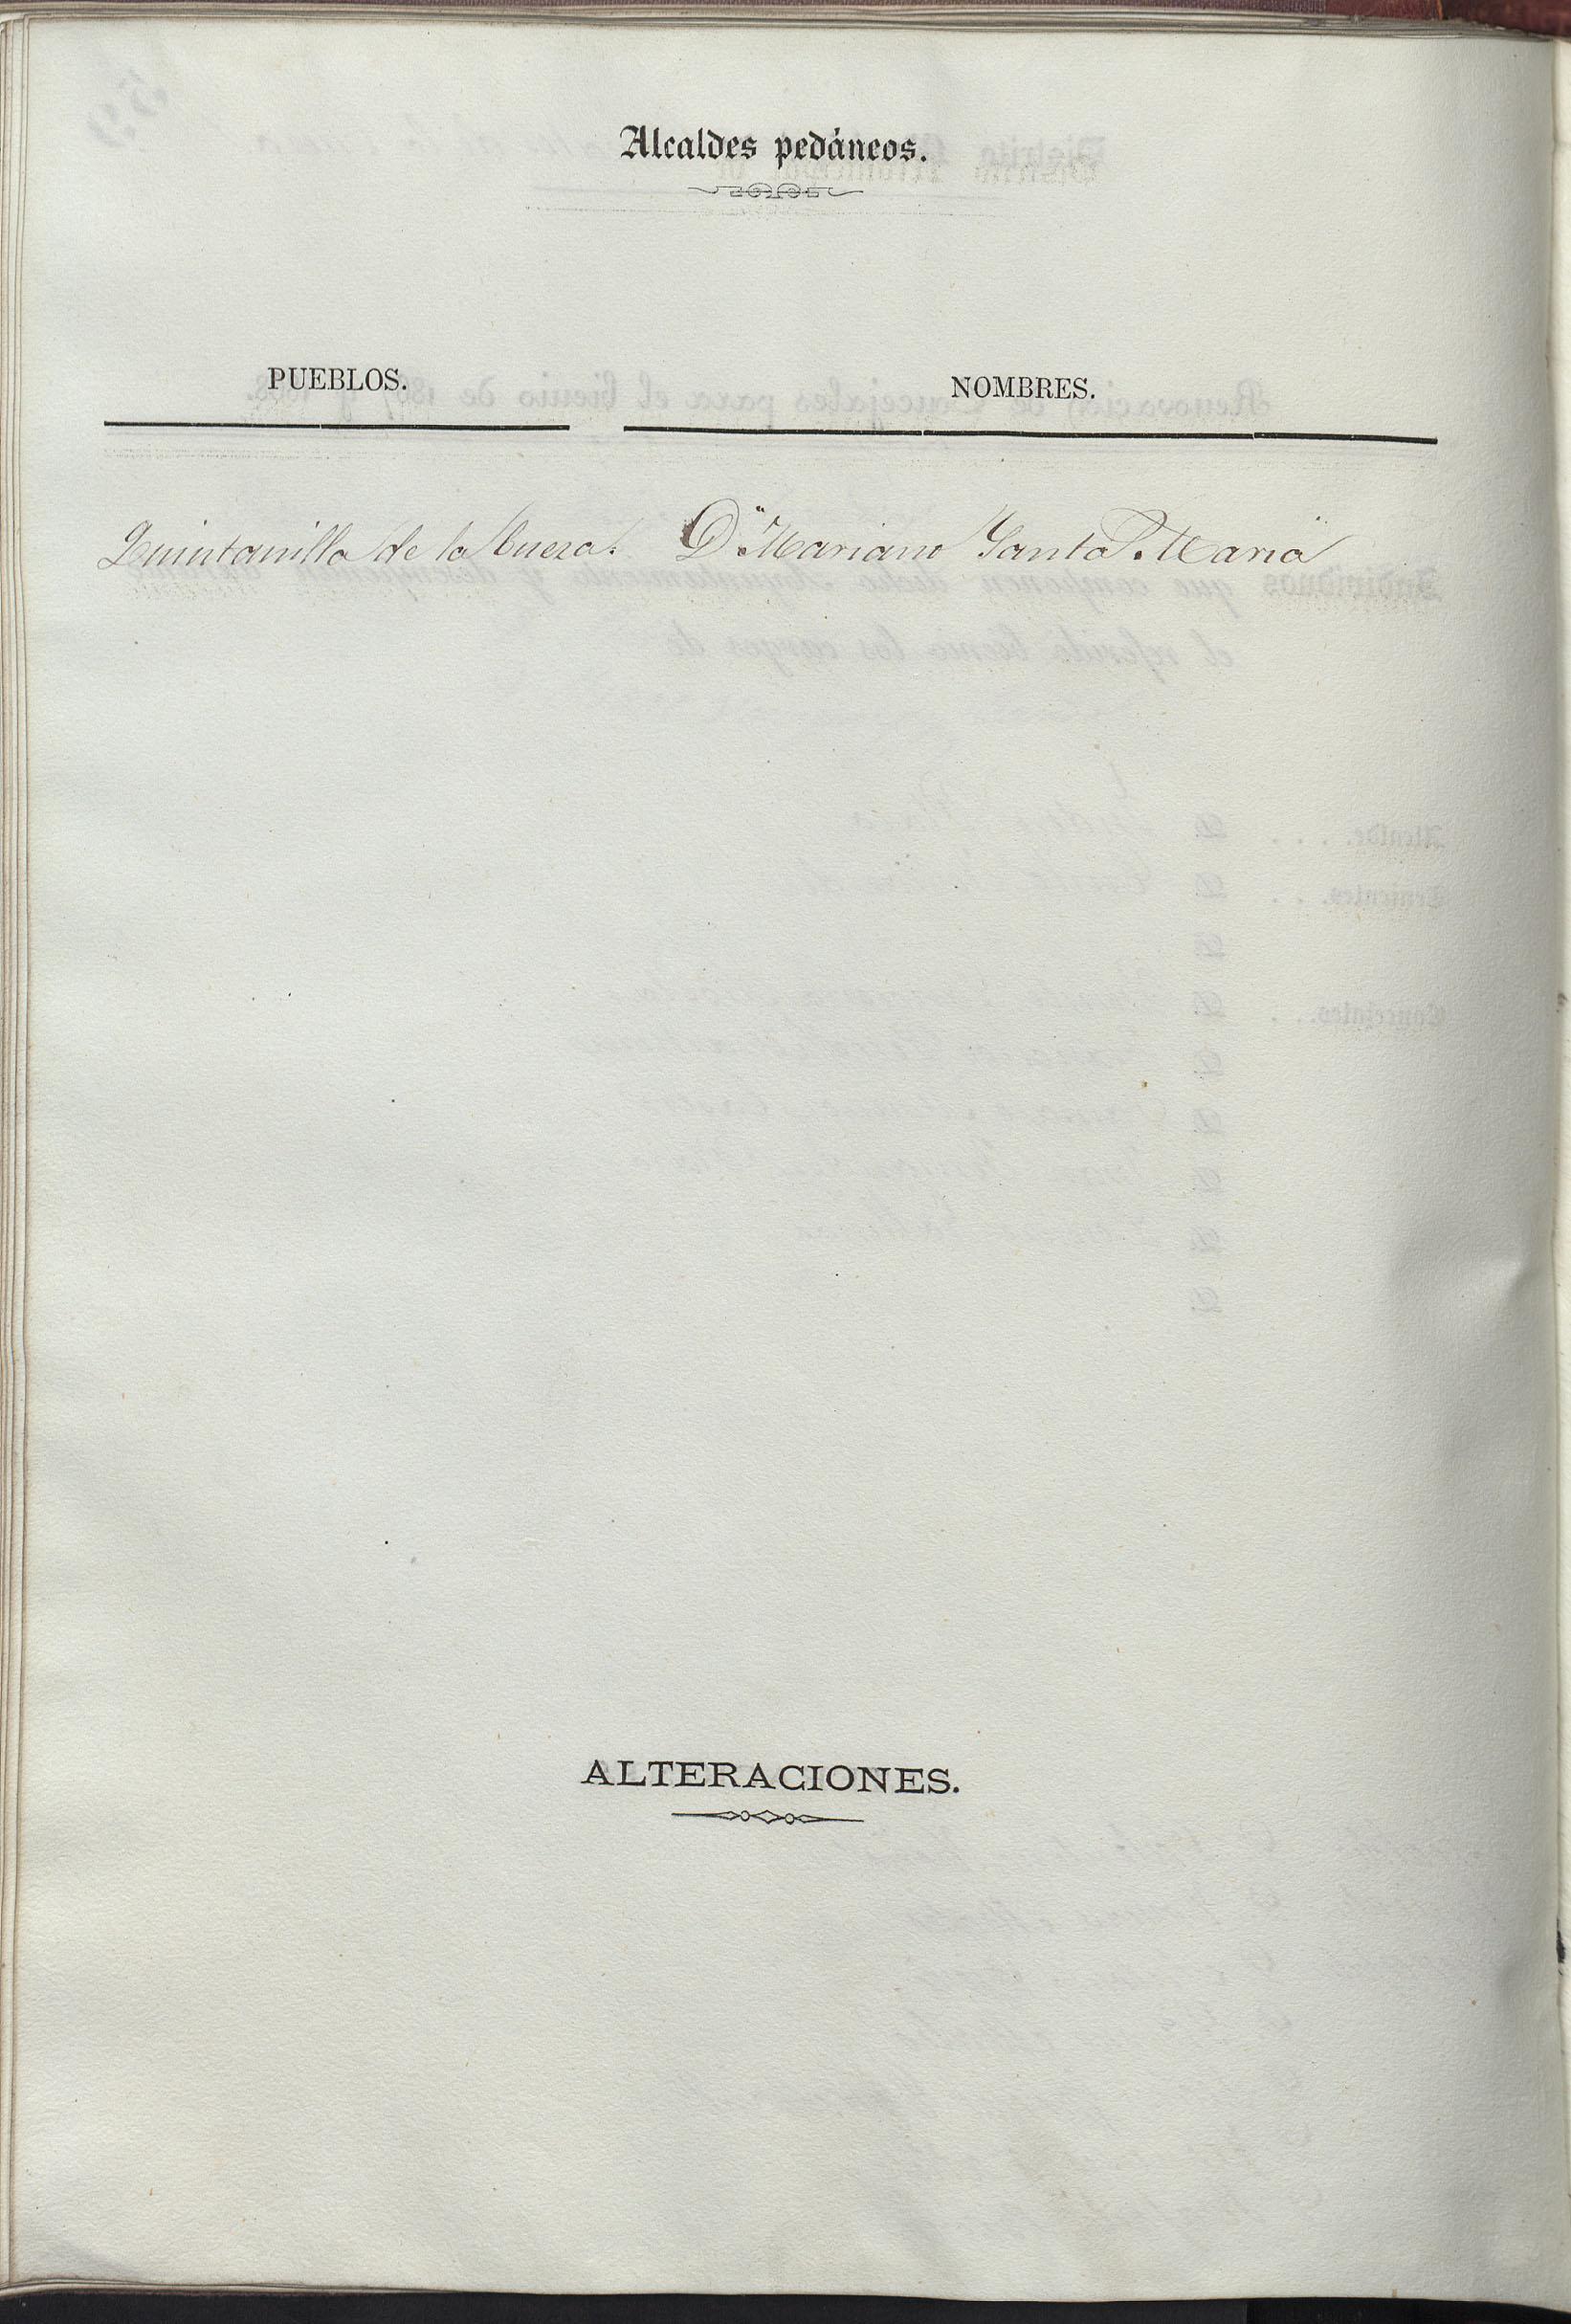 CERVATOS_DE_LA_CUEZA_1867_0182_03_0125